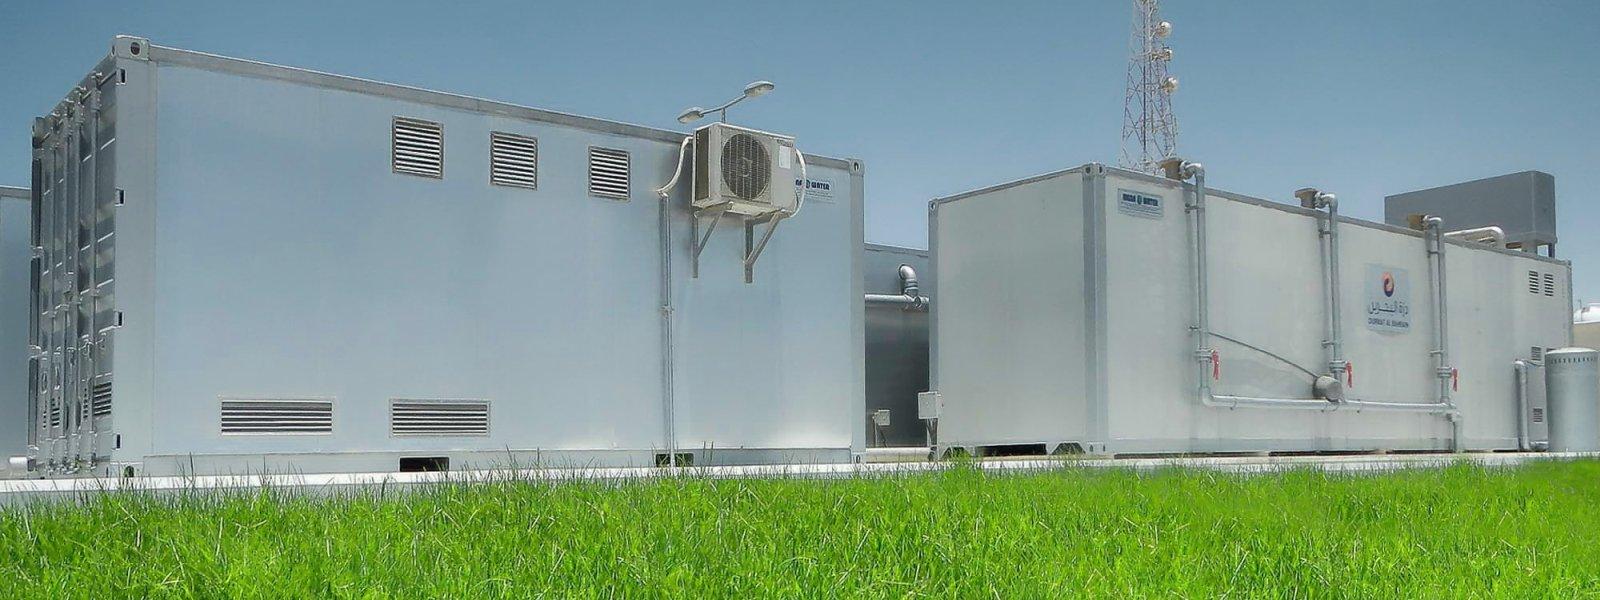 MBR Kompaktanlagen zur Abwasserreinigung